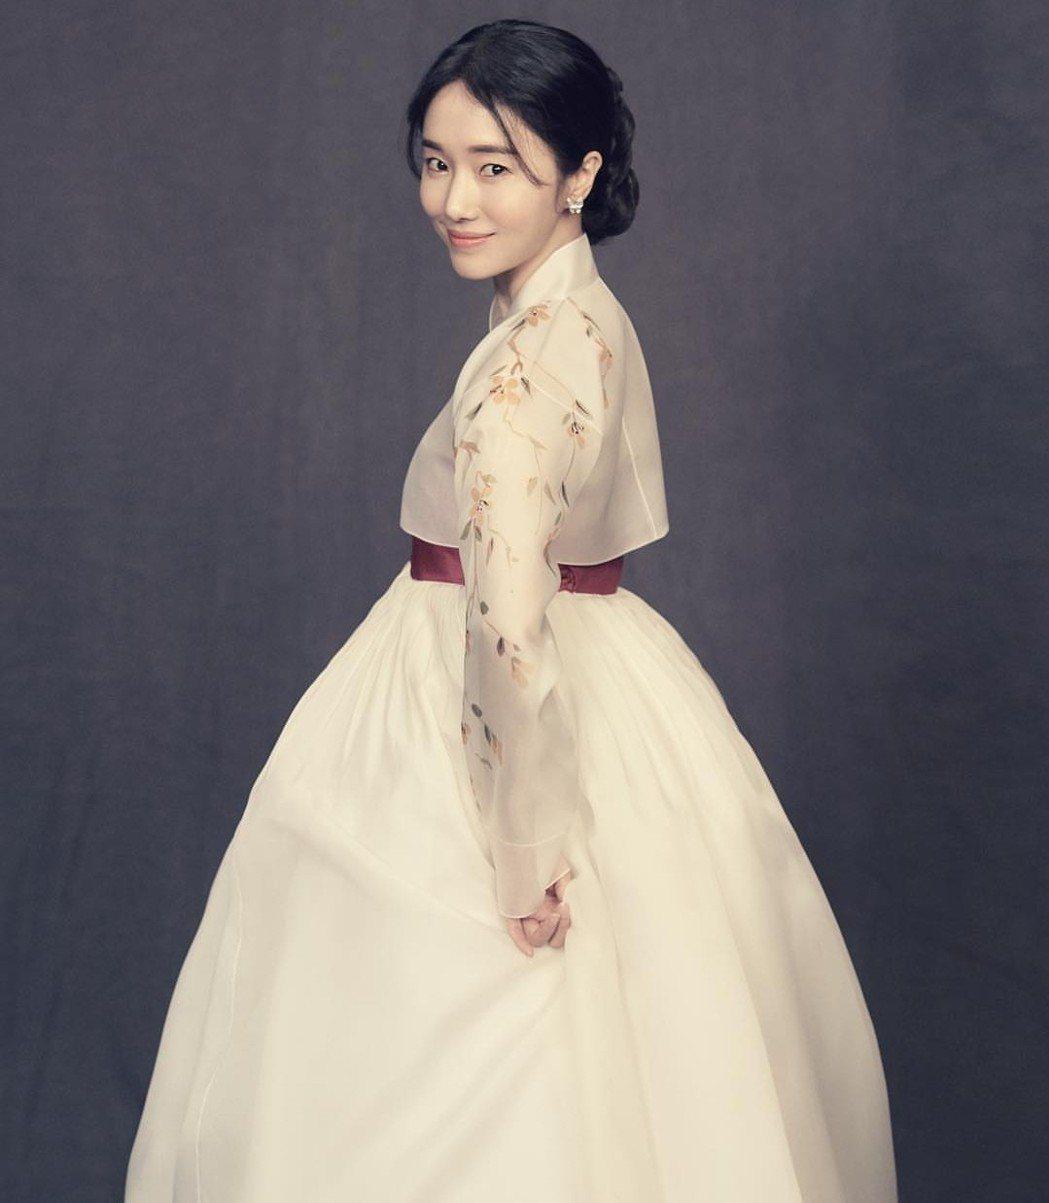 李貞賢婚紗照令人驚艷。圖/摘自IG